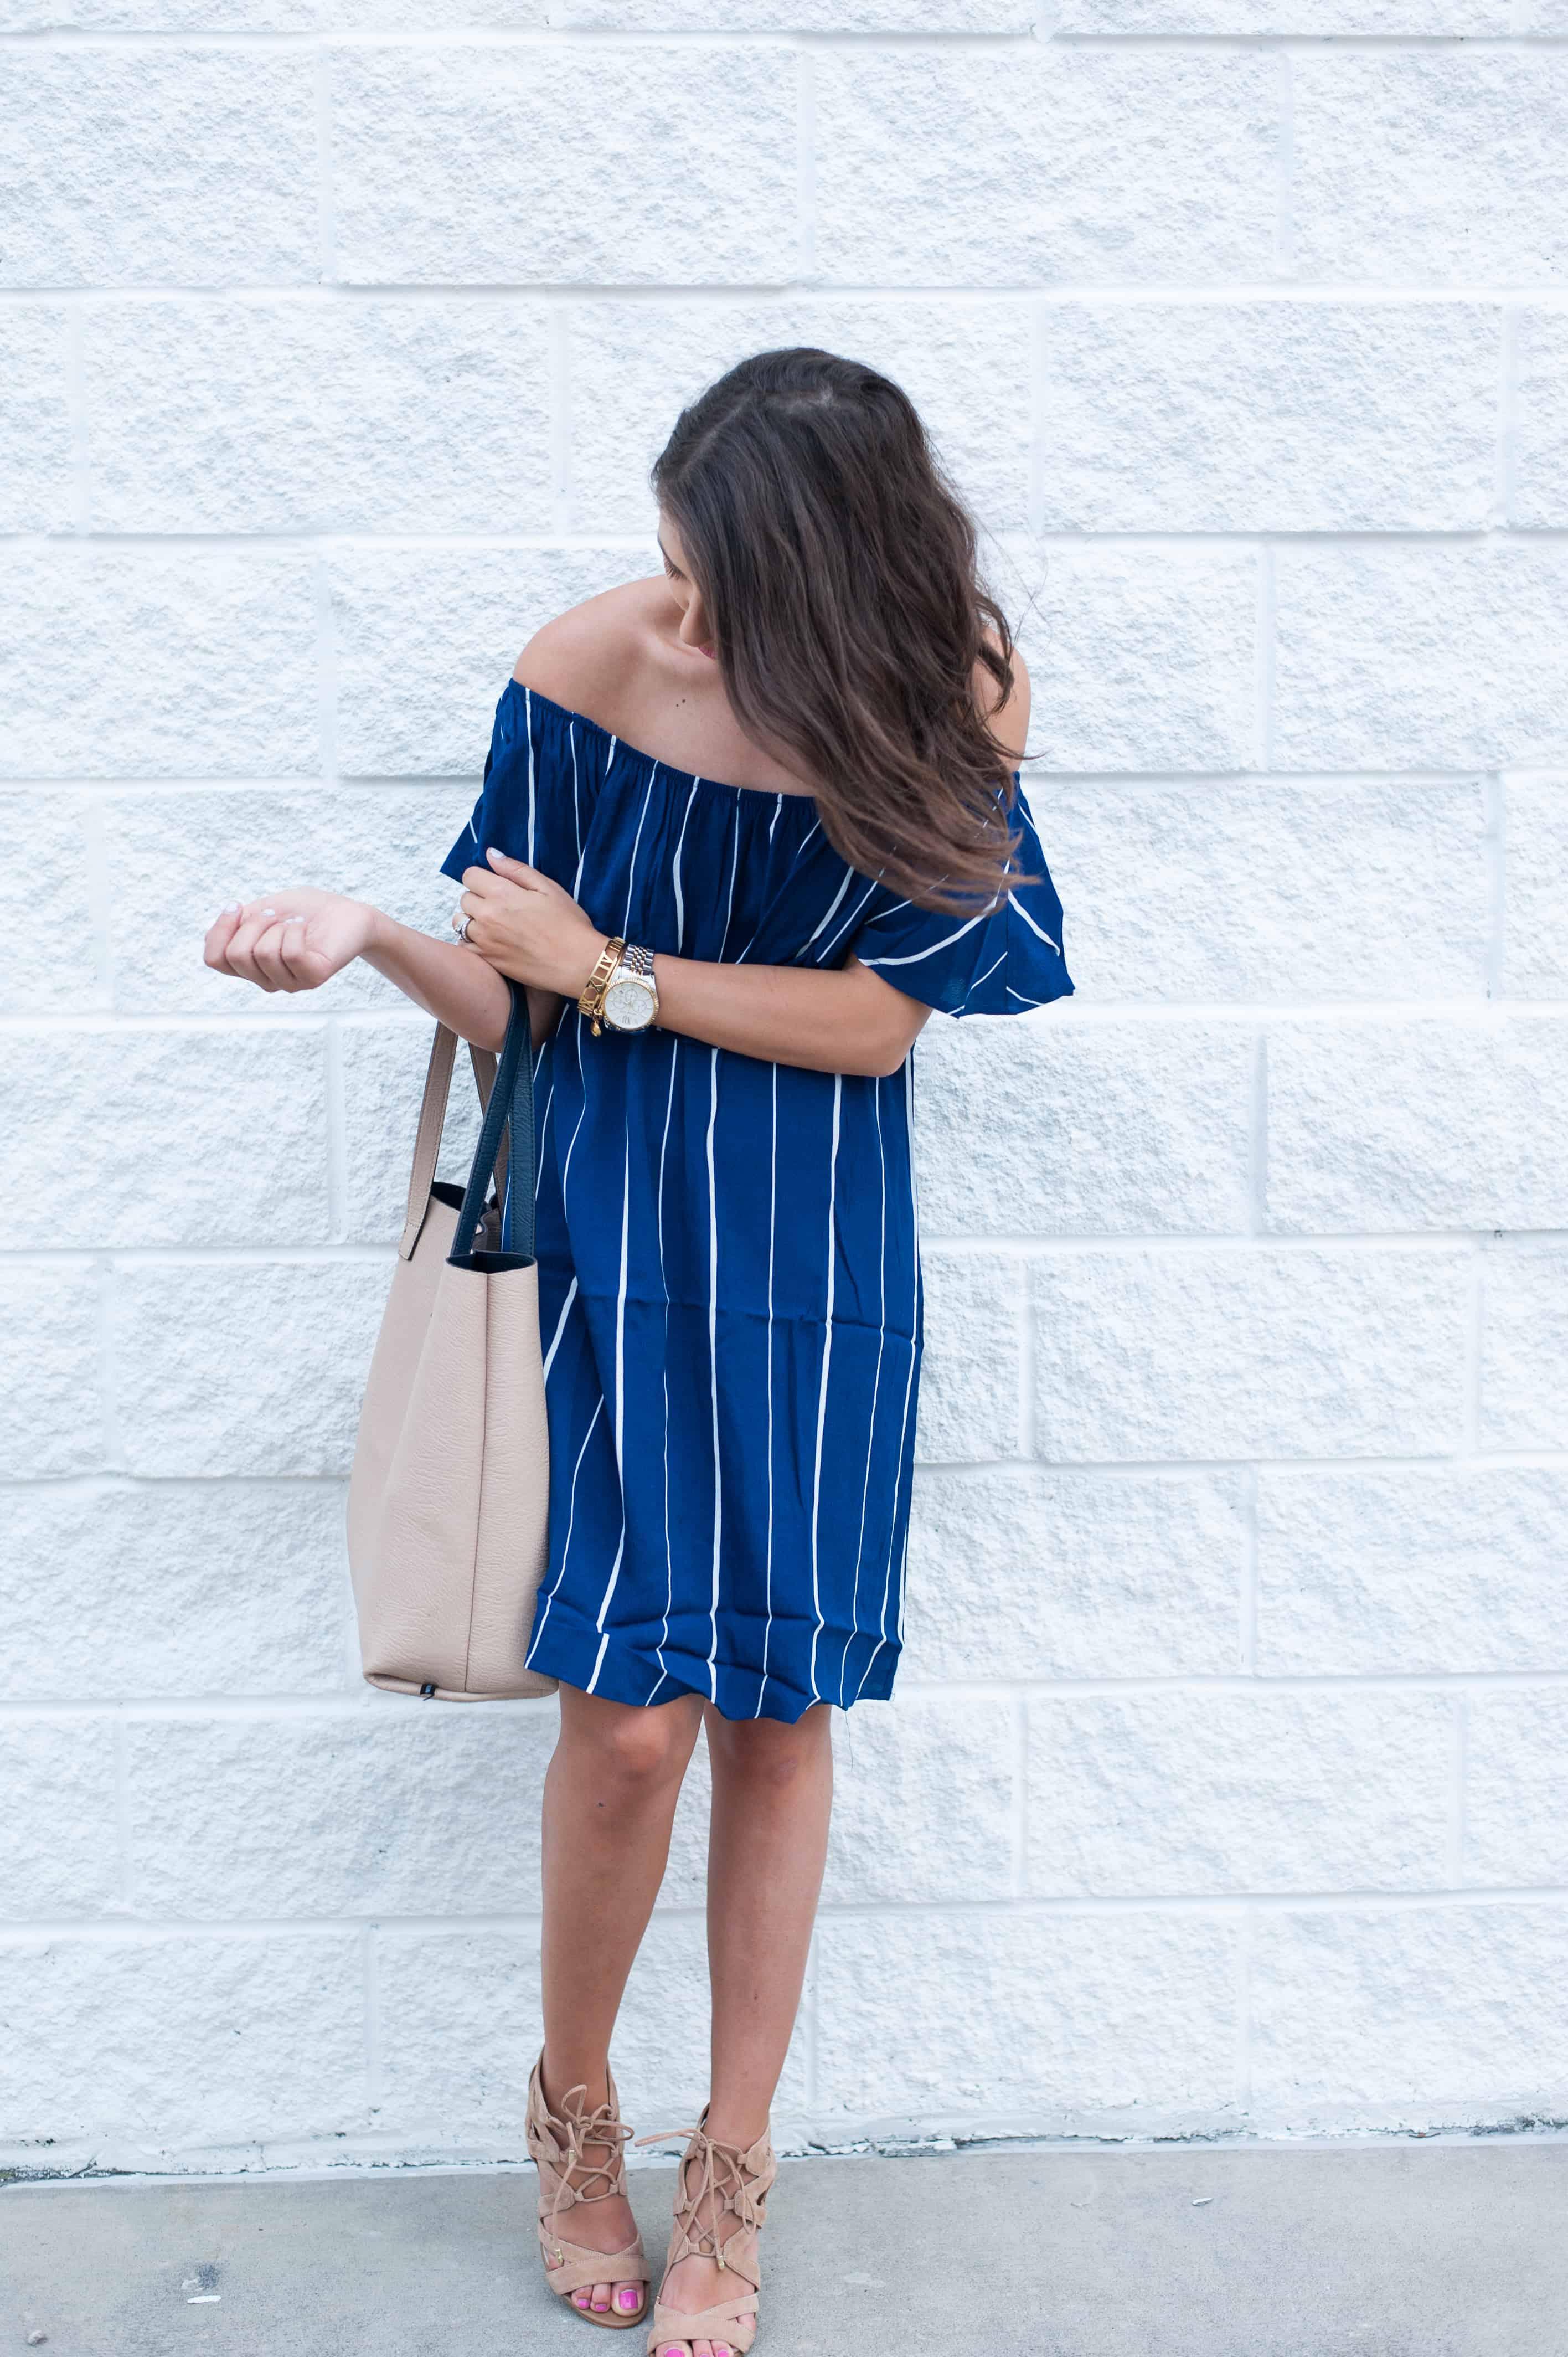 Dress Up Buttercup | Houston Fashion Blog - Dede Raad | Stripe + Off The Shoulder Dress